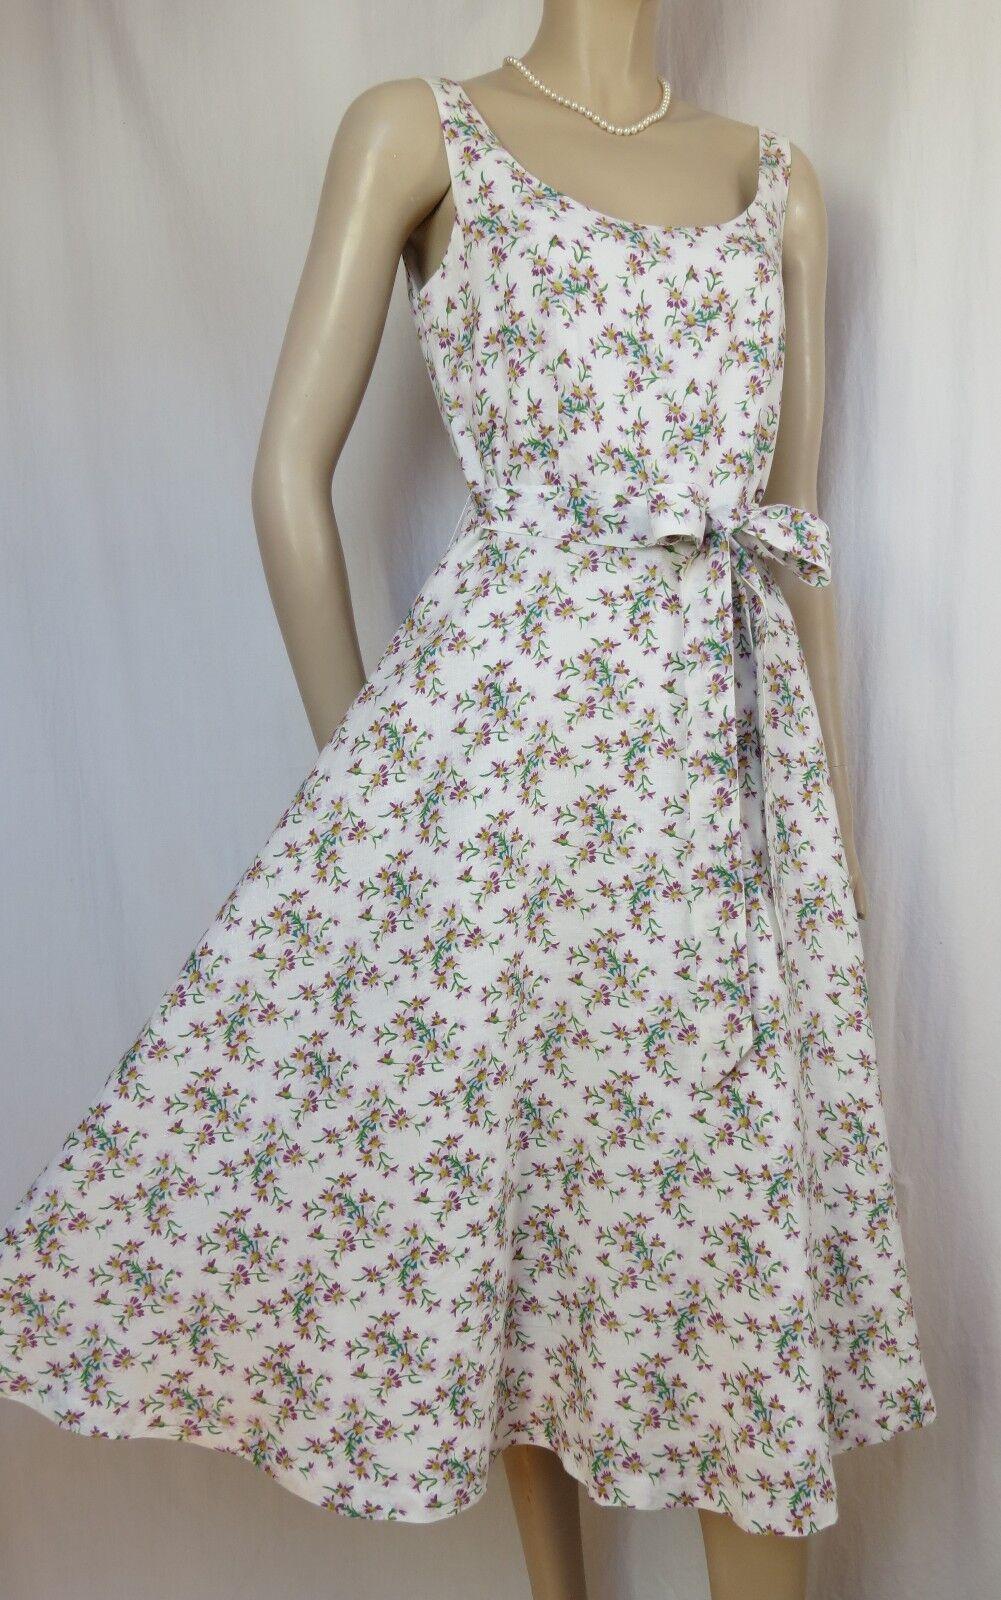 Laura Ashley Leinenkleid Sommerkleid 36 Leinen Hochzeit weiß lila grün Blaumen